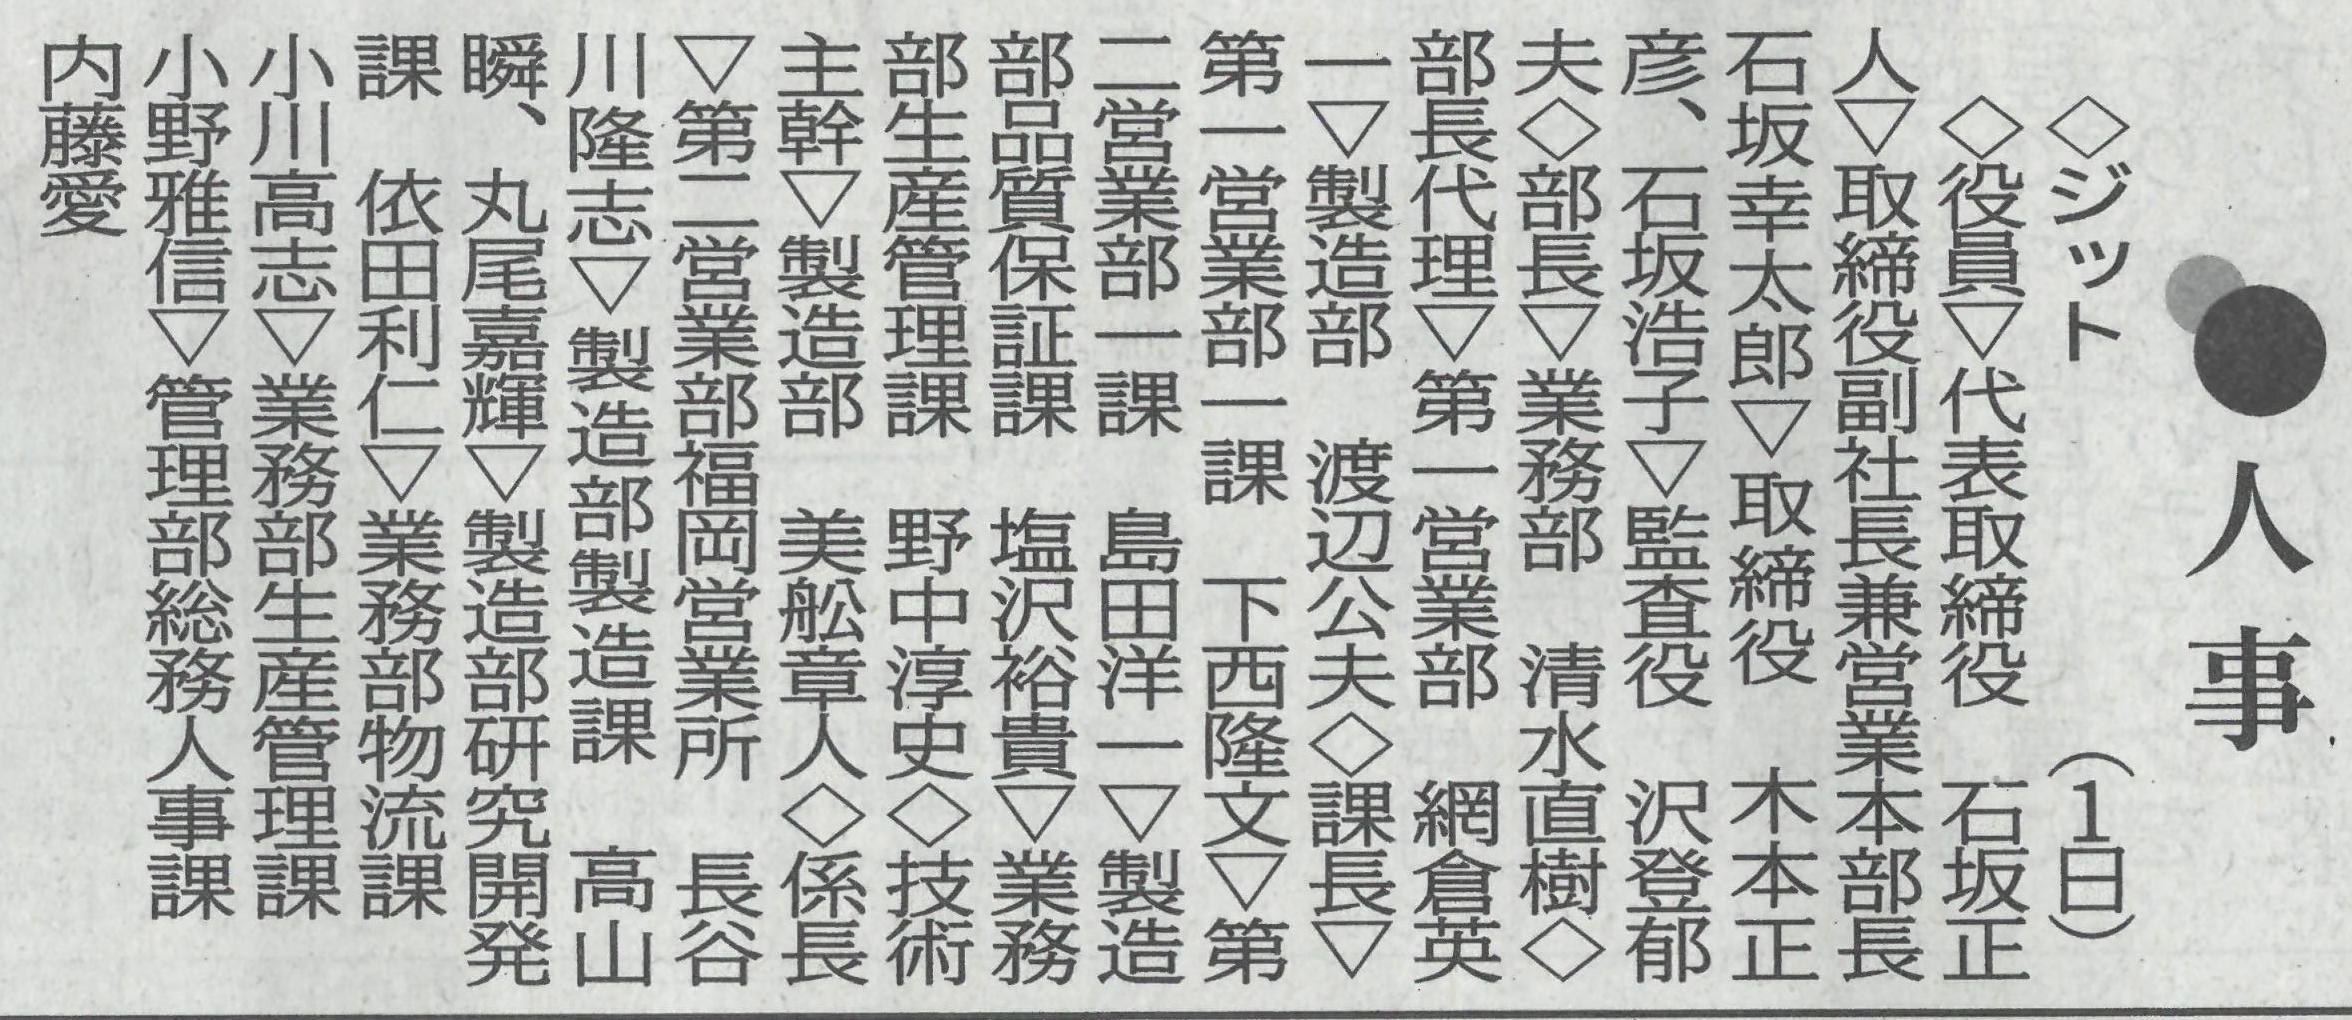 2018年07月04日 山梨日日新聞 掲載